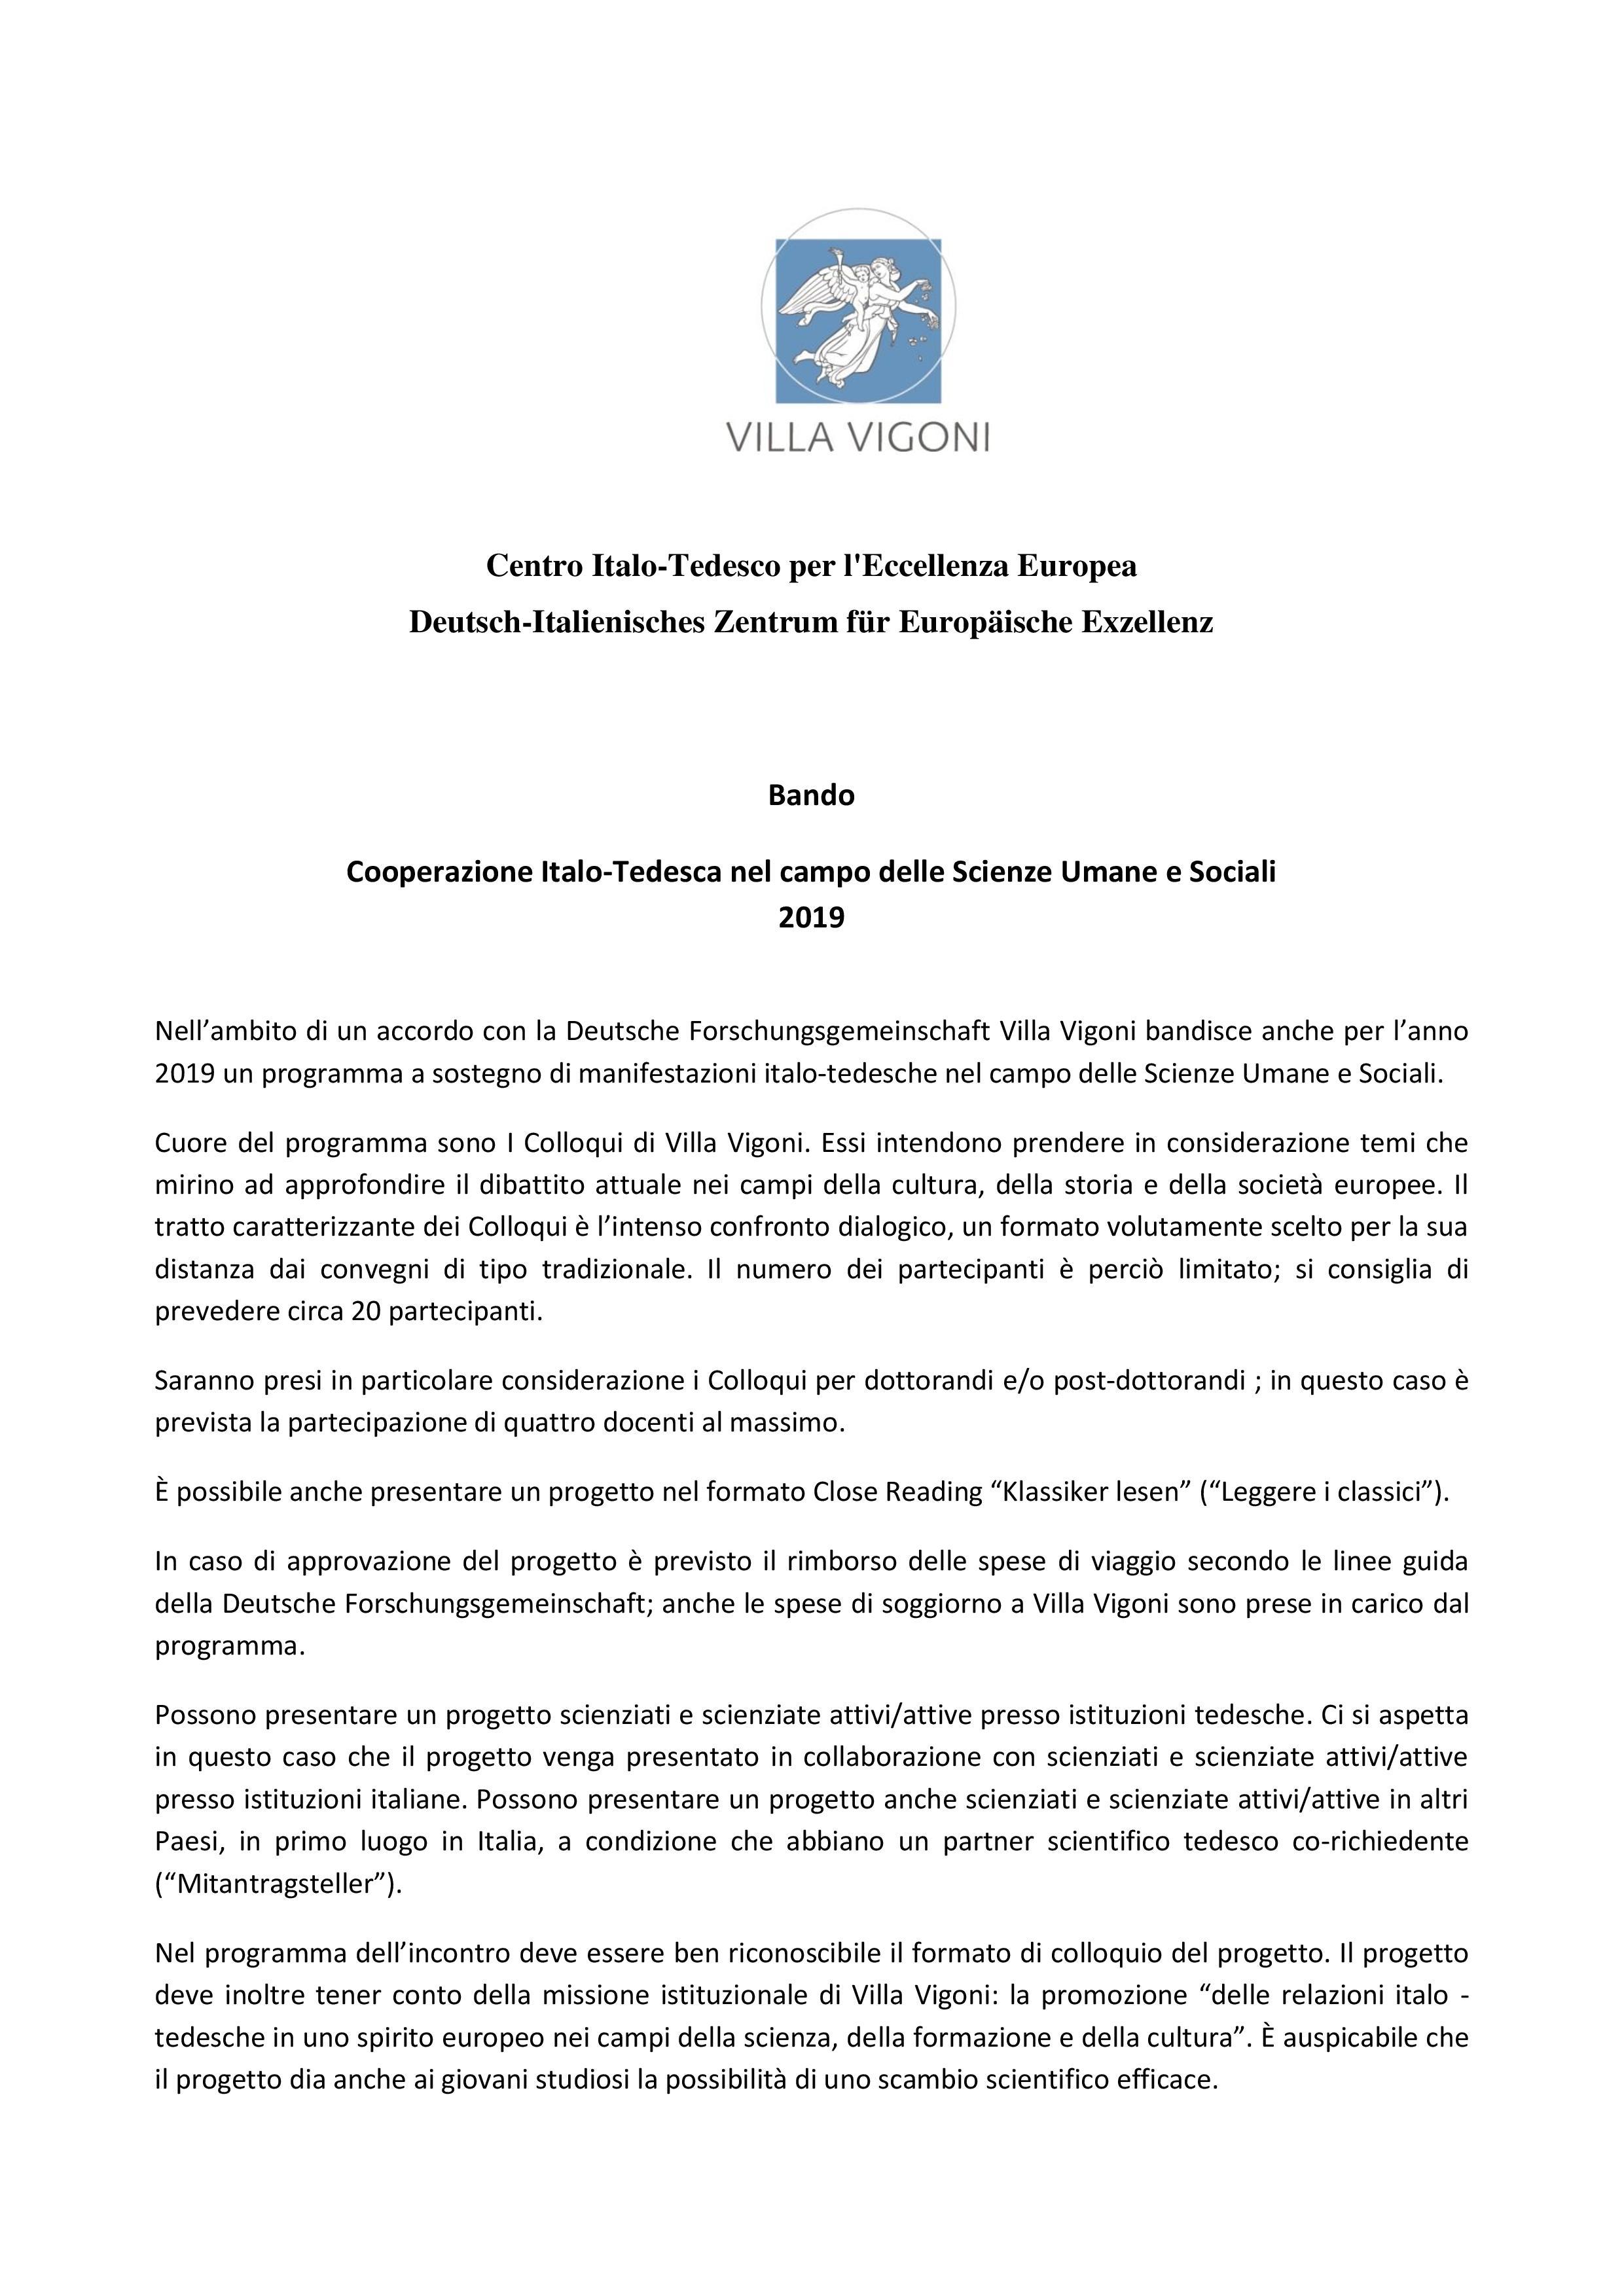 Cooperazione Italo-Tedesca_2019_BANDO-page-001